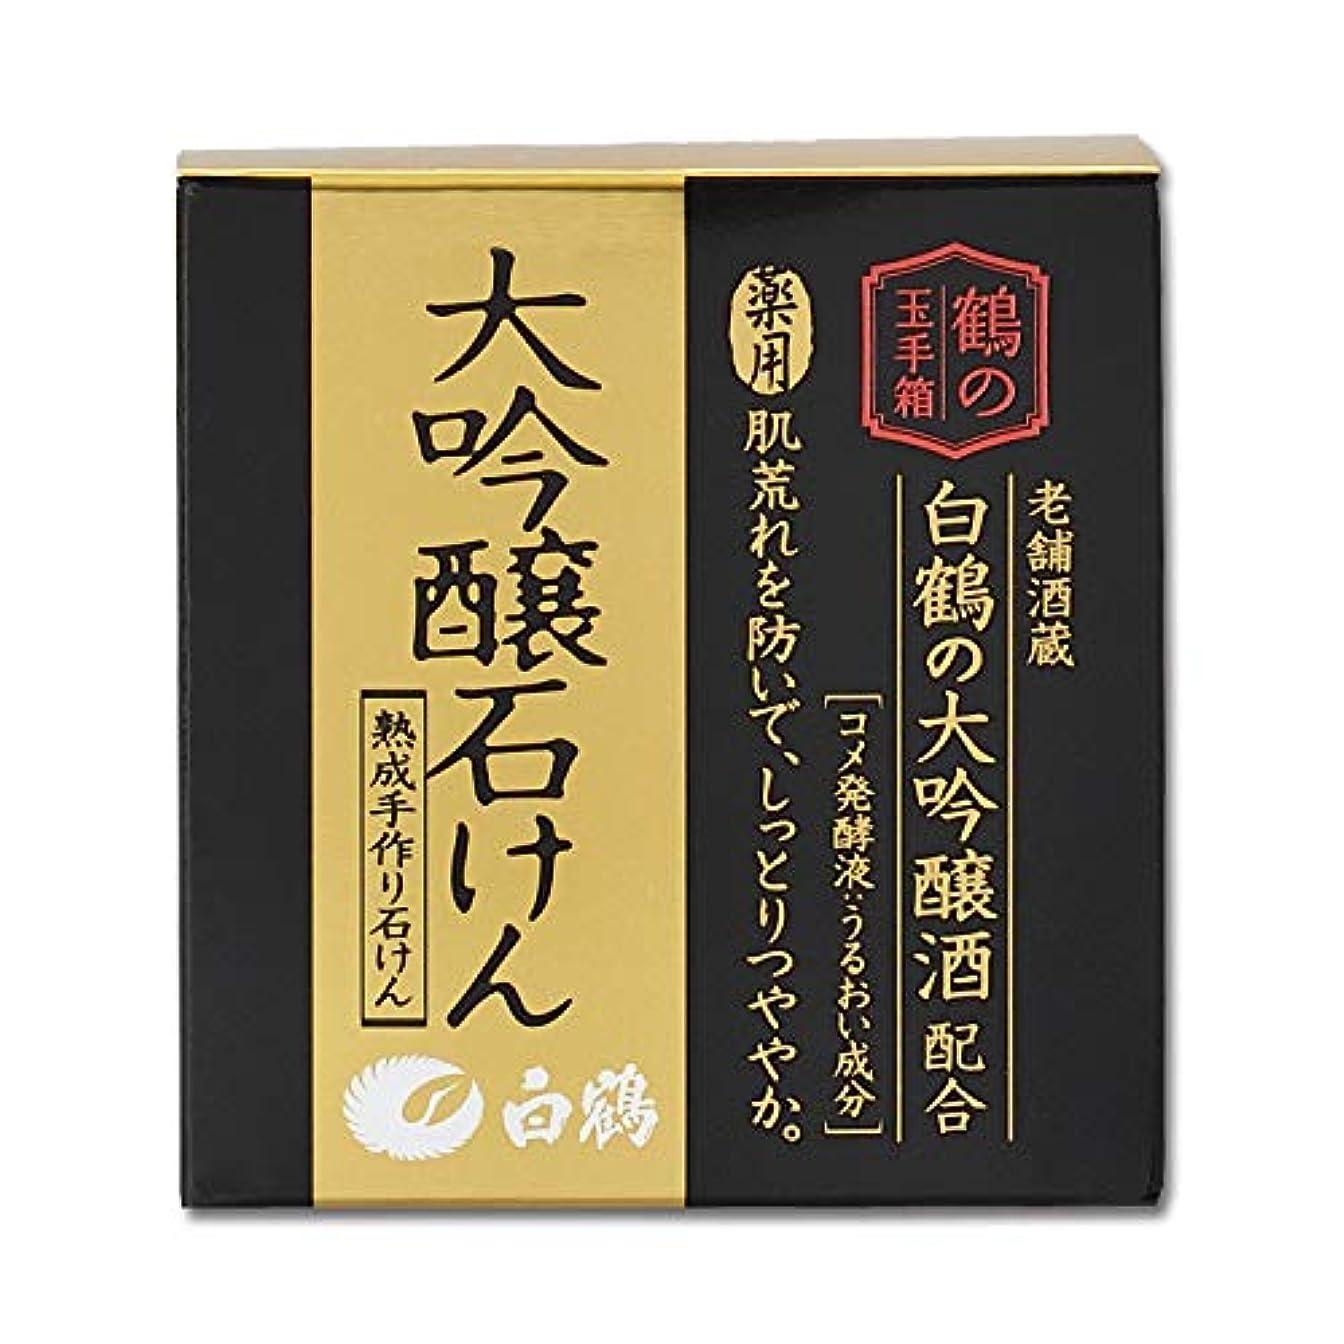 正しい政治的熱帯の白鶴 鶴の玉手箱 薬用 大吟醸石けん 100g (医薬部外品)